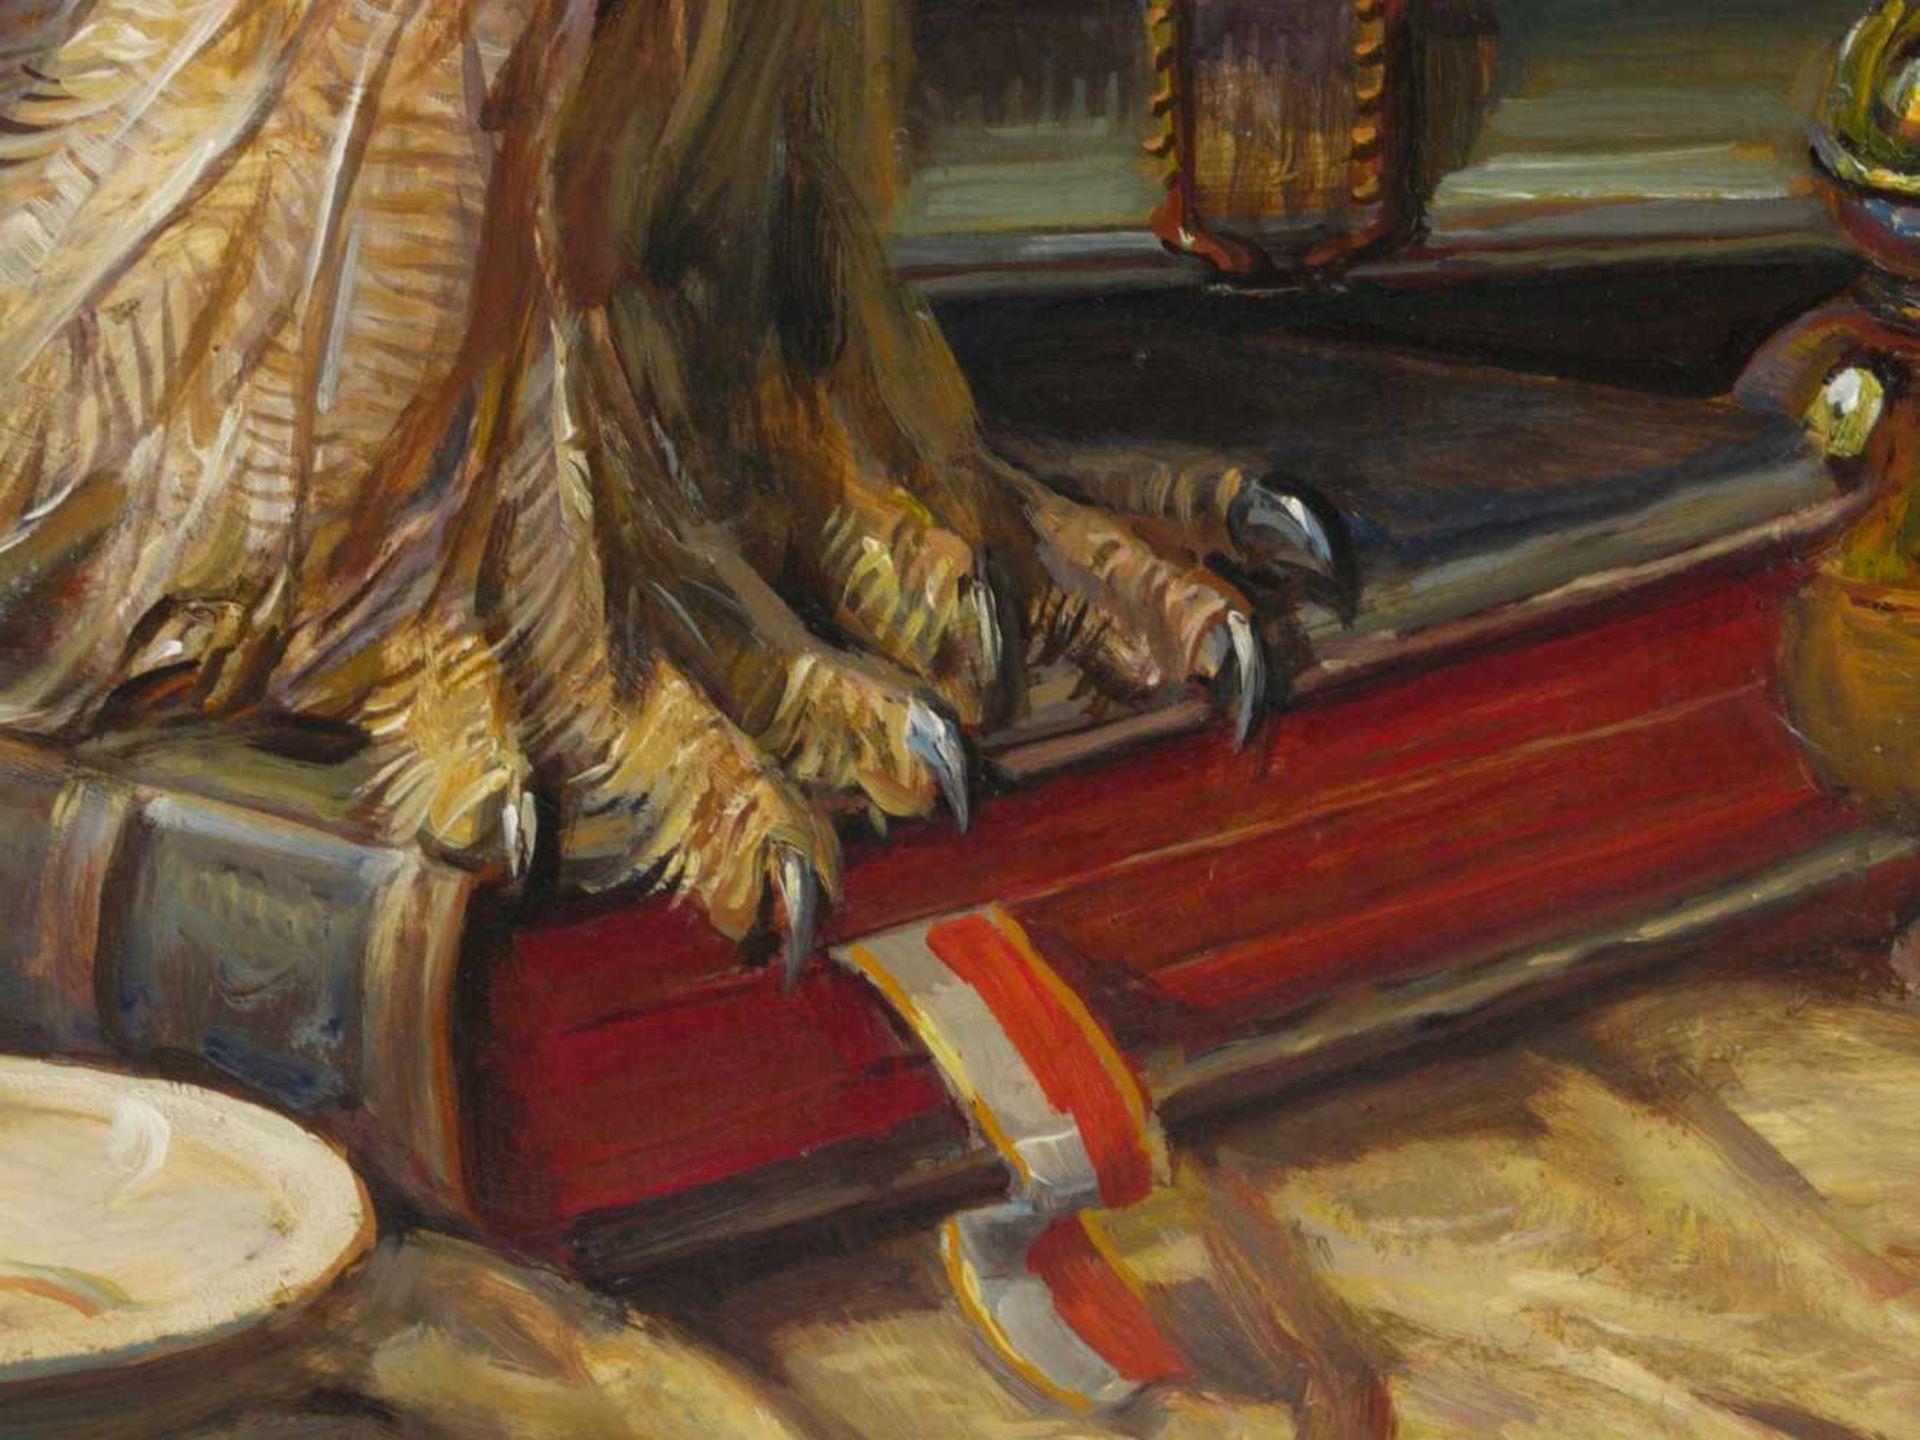 Kugler, Heinrich (1888- ca. 1946) - Symbolträchtiges Stillleben NürnbergGroßformatiges Gemälde in Öl - Bild 5 aus 8